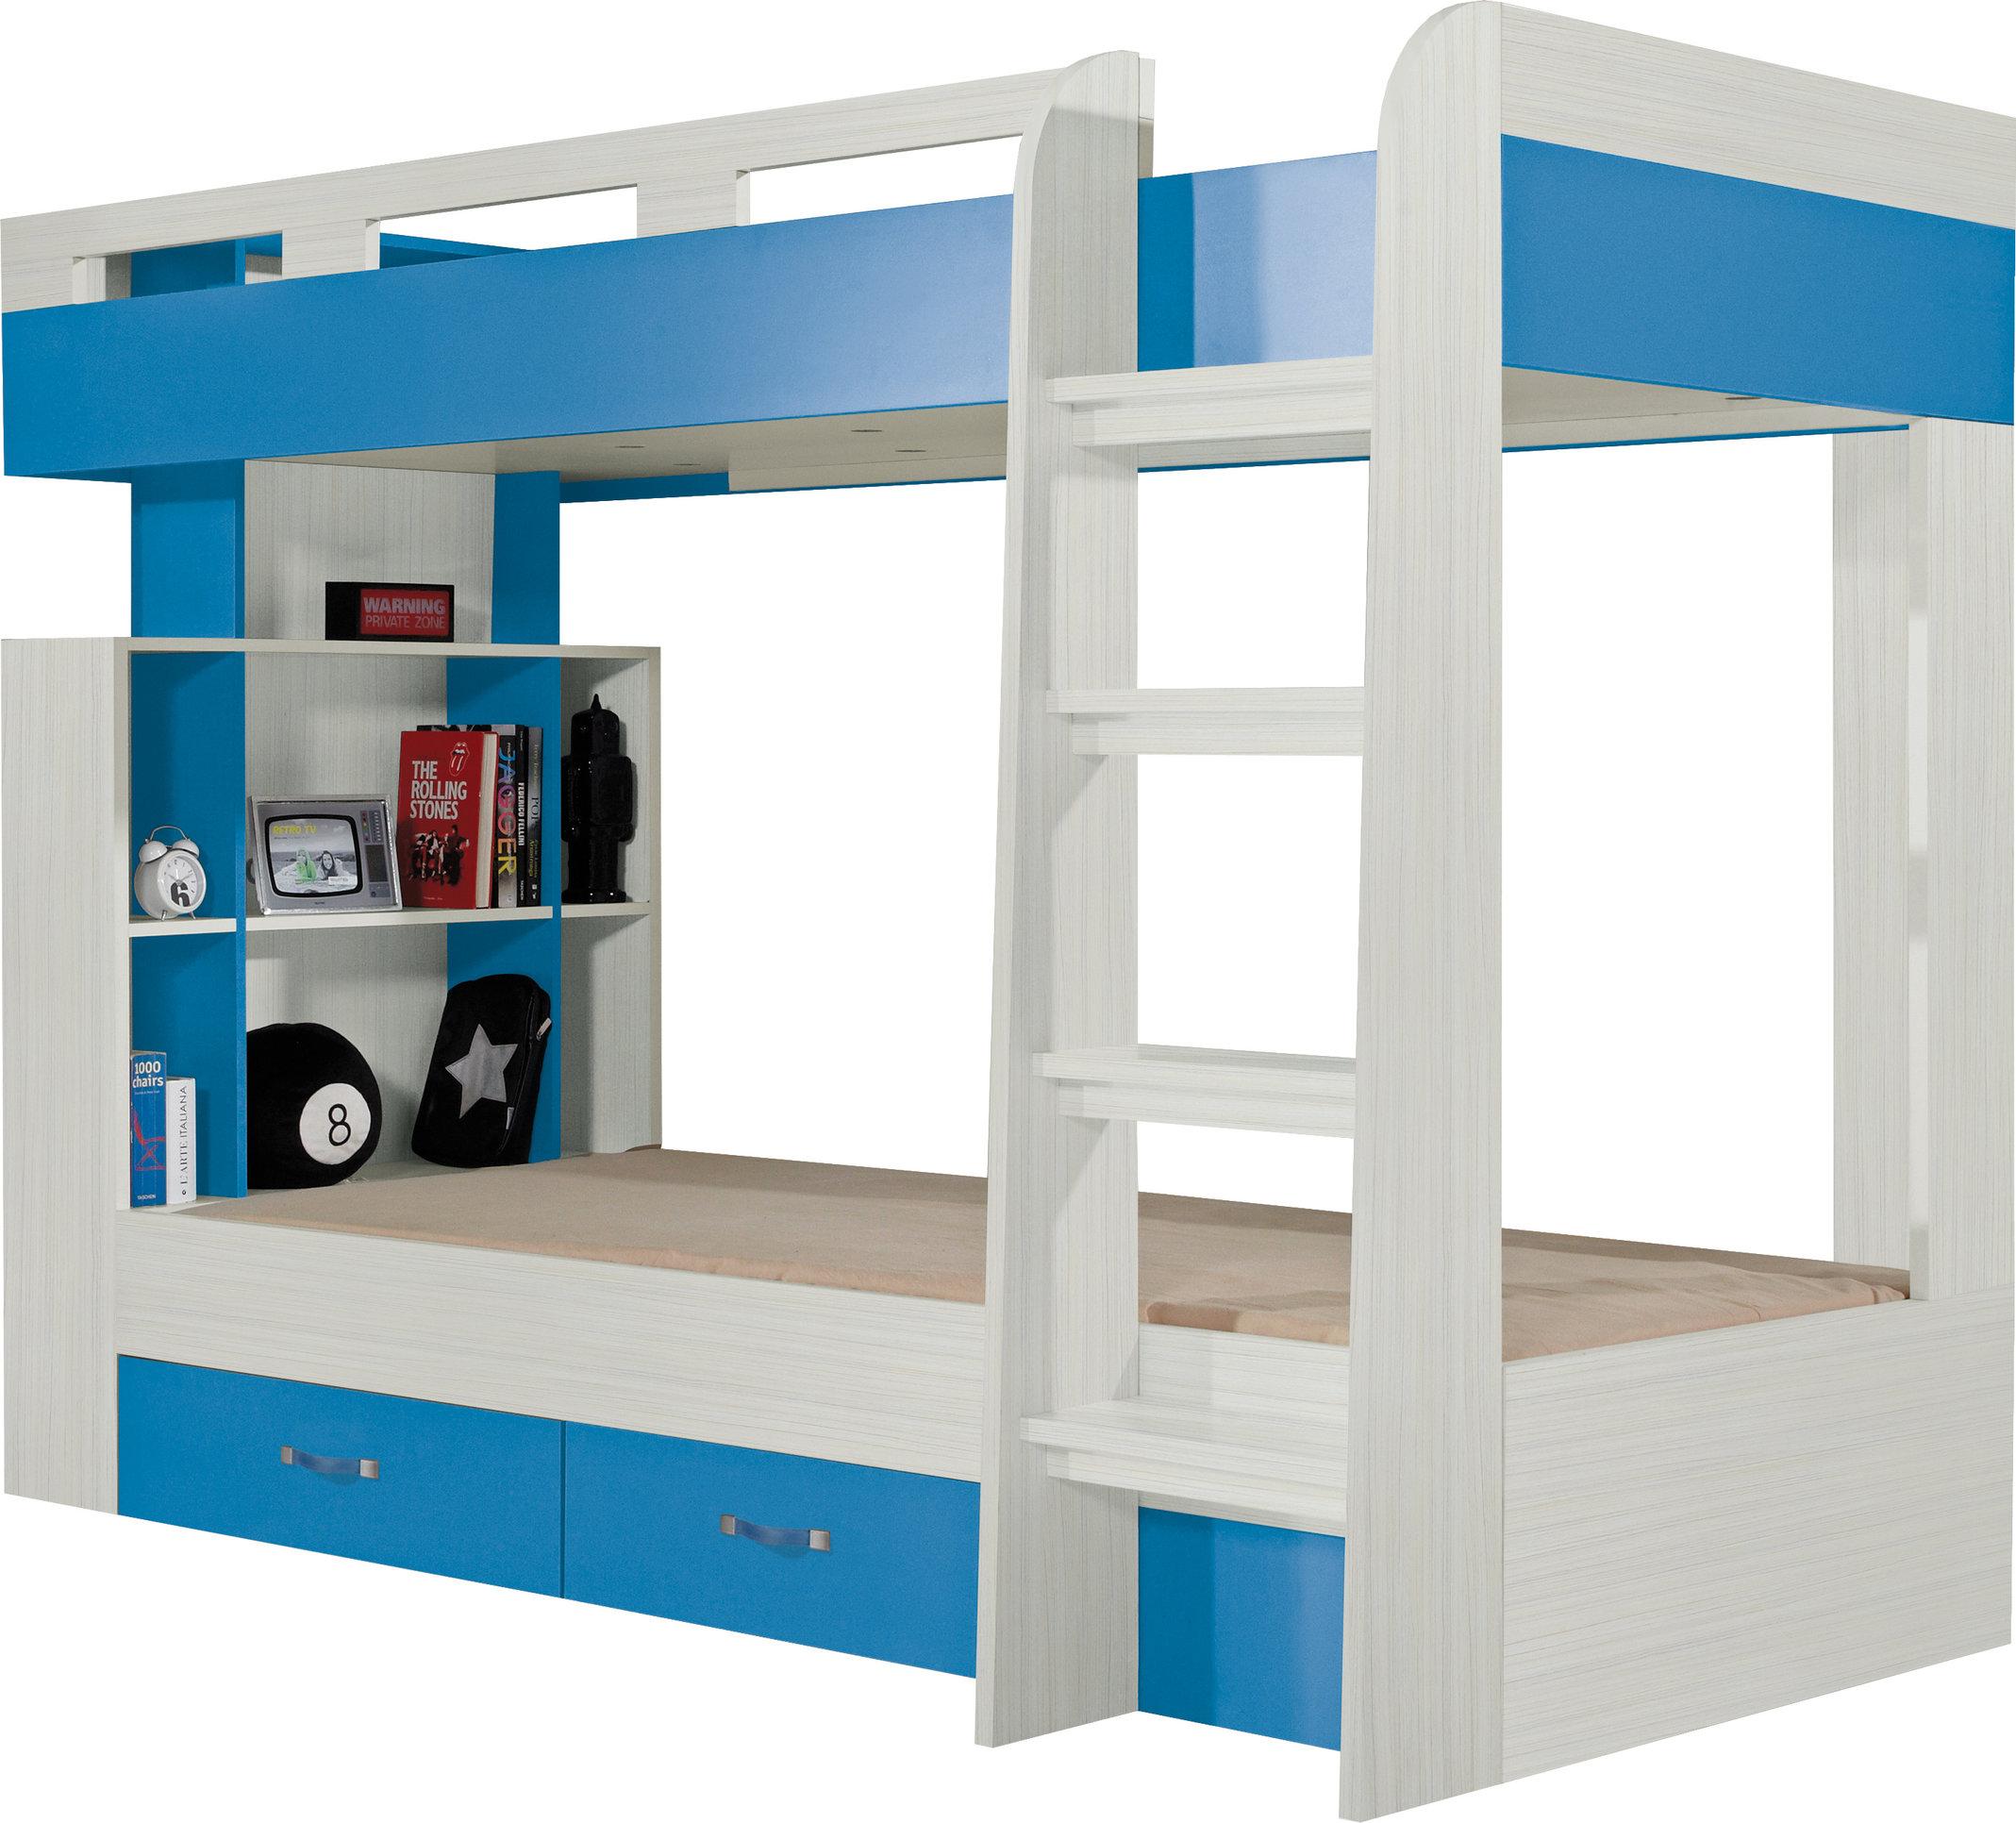 Meblar Poschodová posteľ Komi KM 19 Farba: Modrá